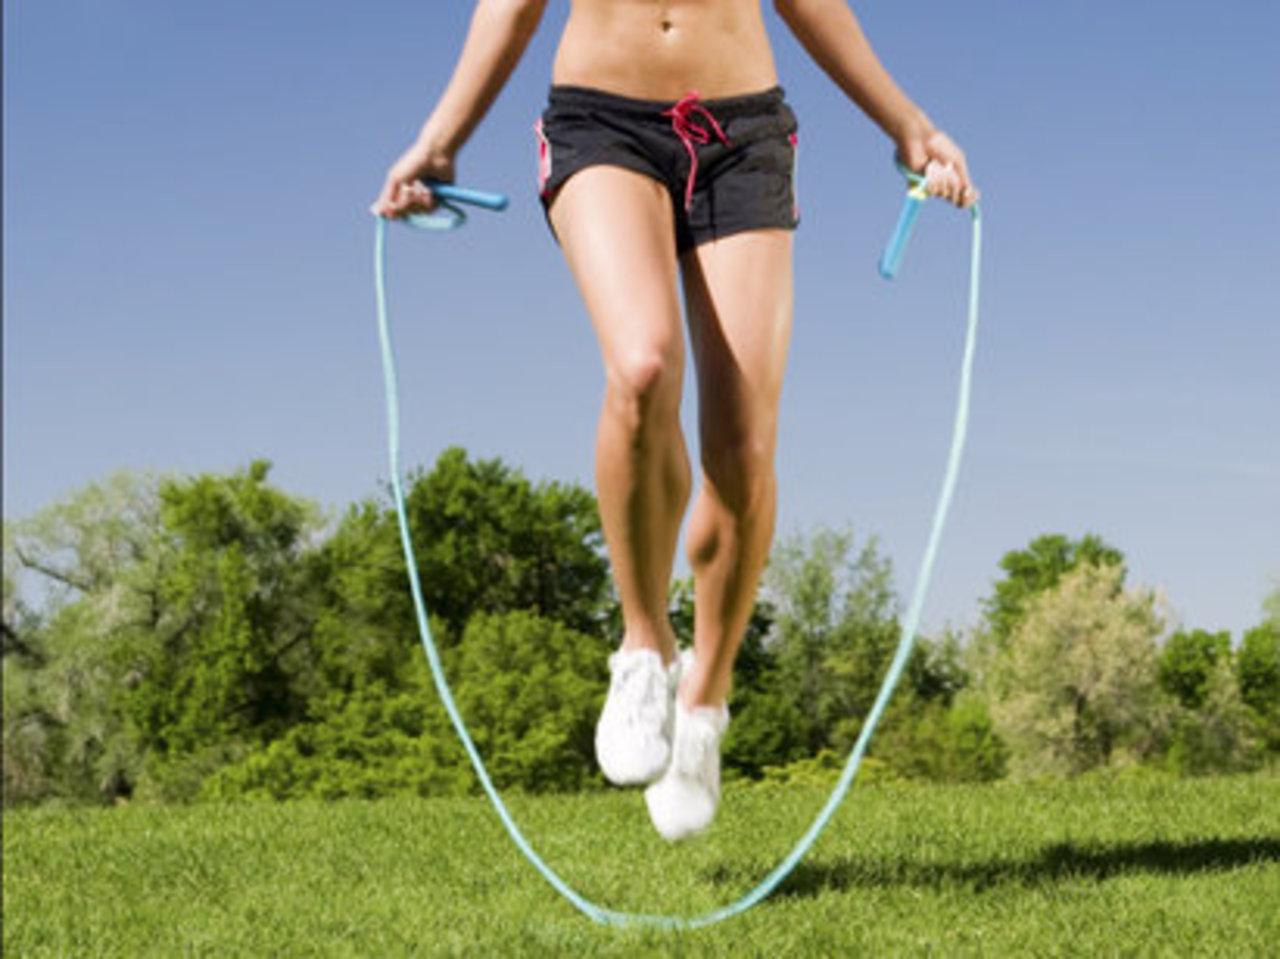 как надо прыгать на скакалке чтобы похудеть